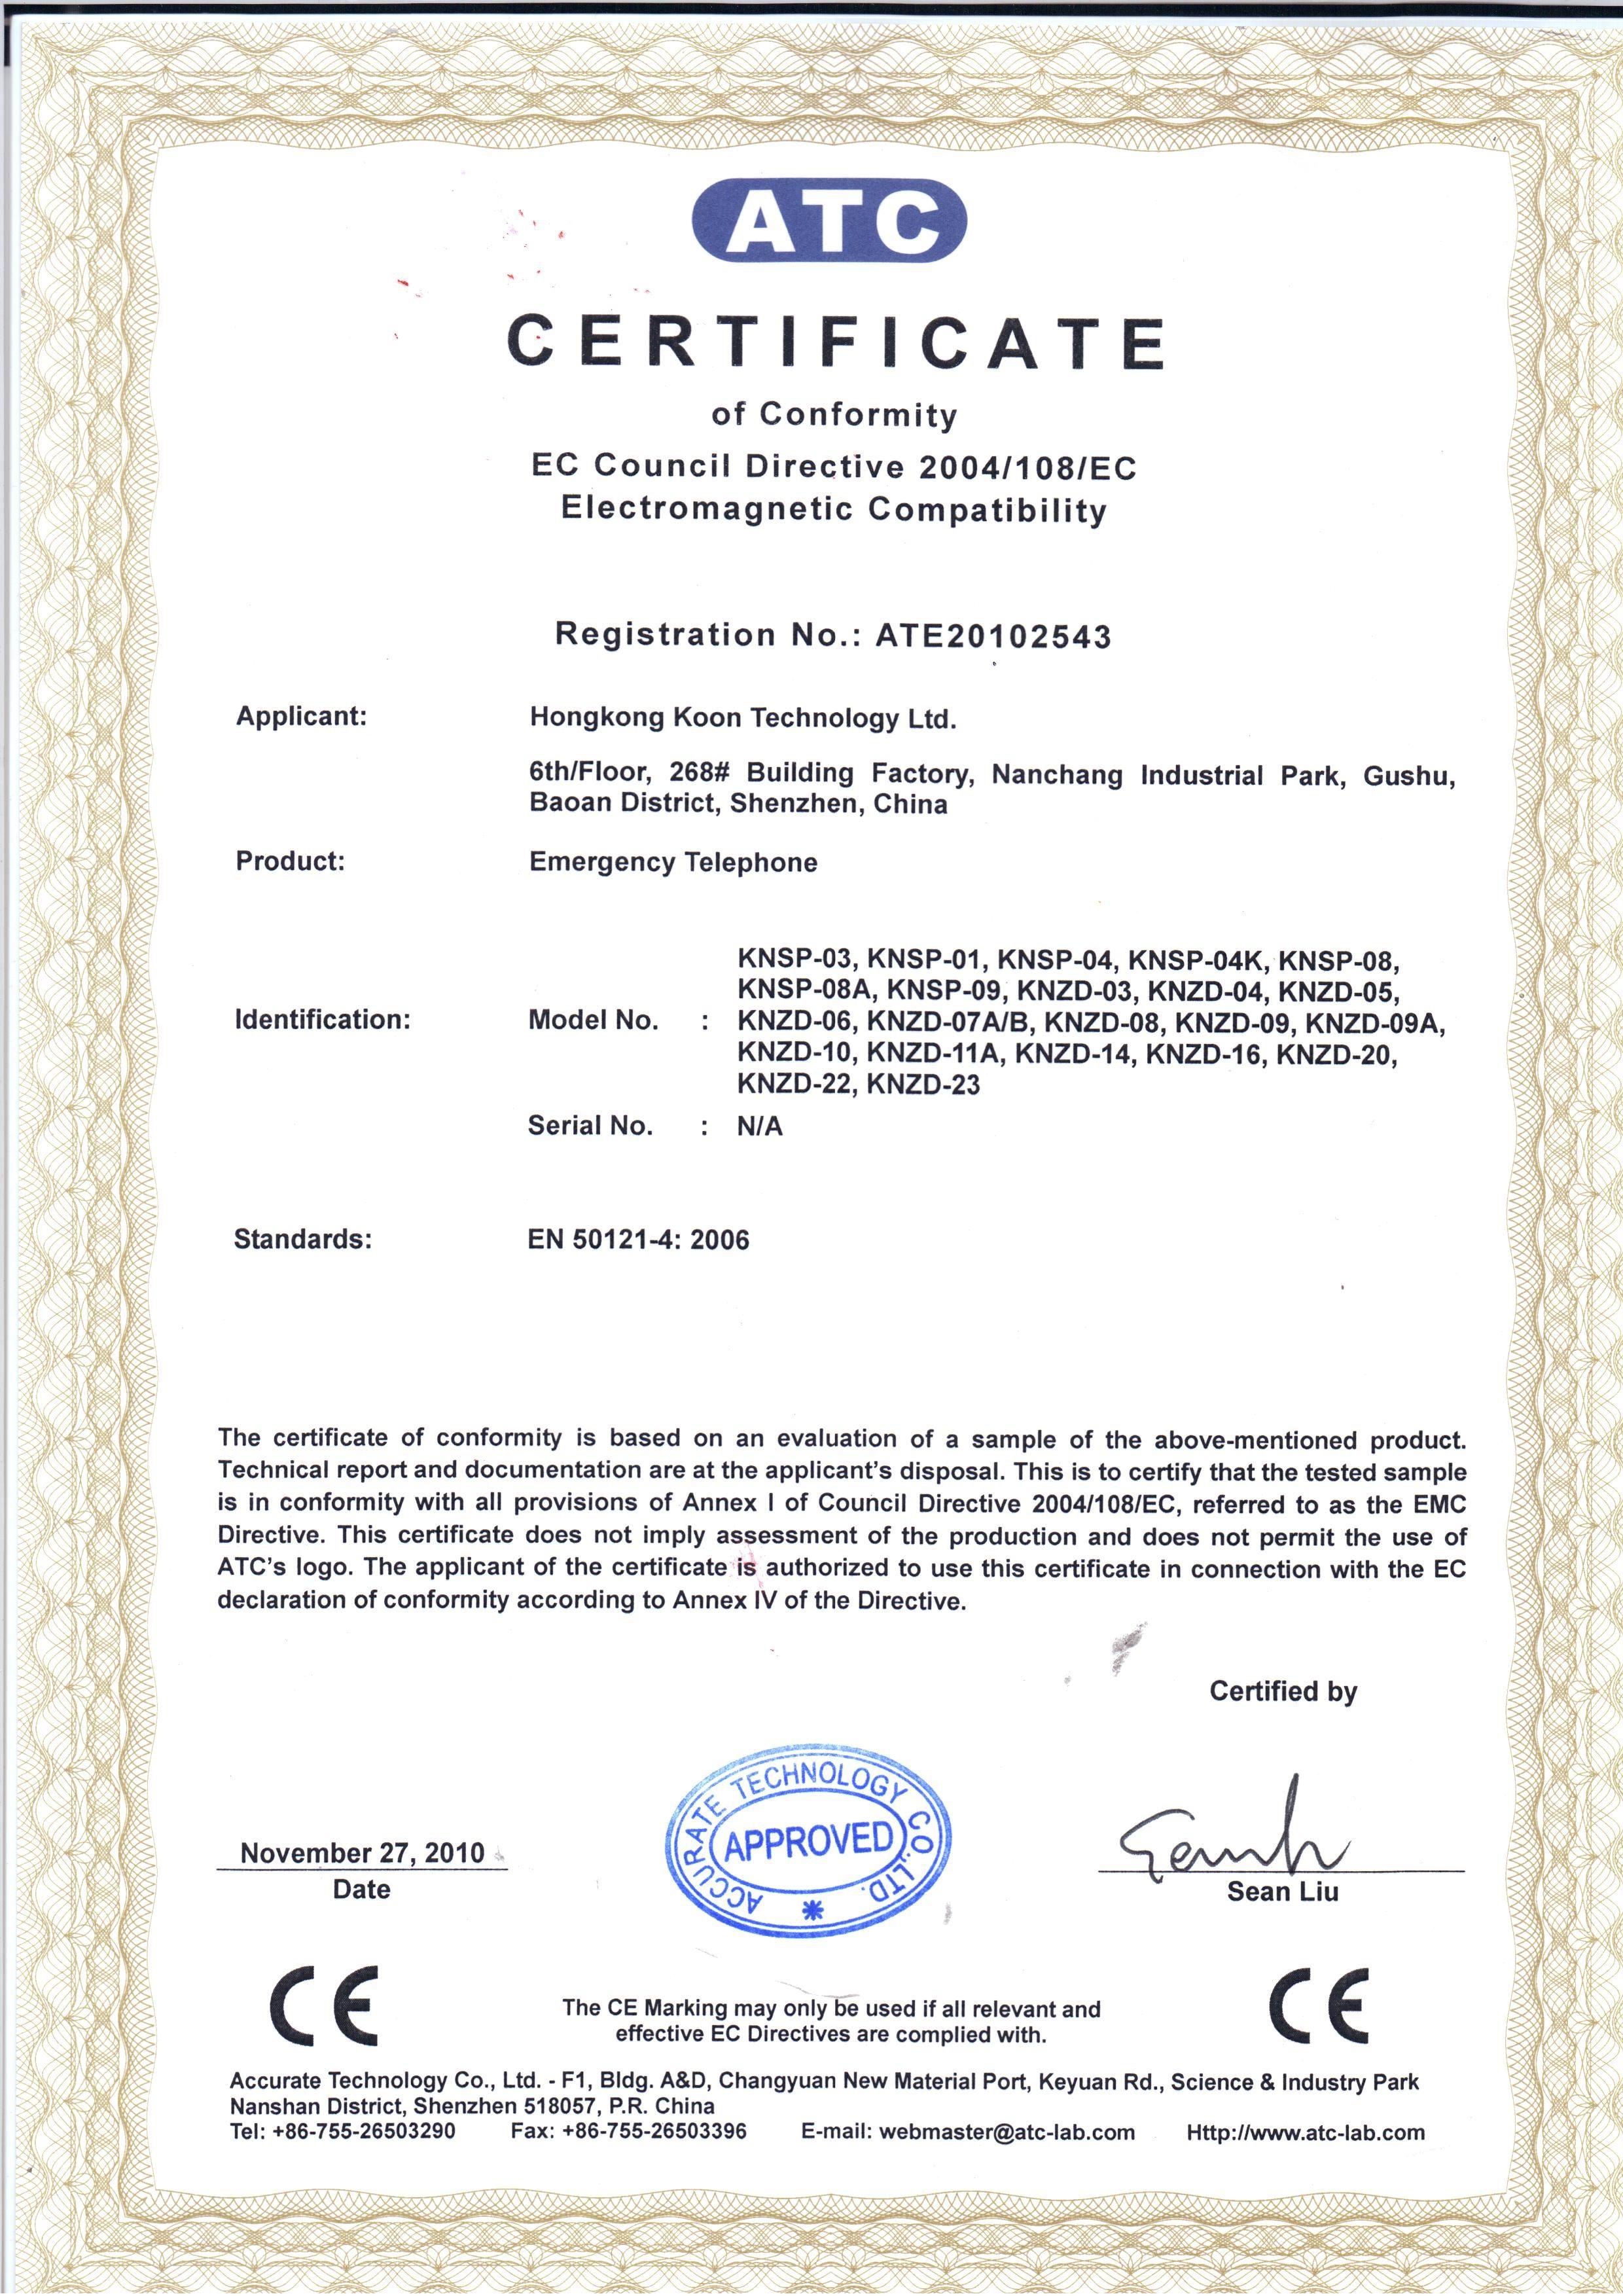 Hongkong Koon Technology Ltd Intercom Certificate